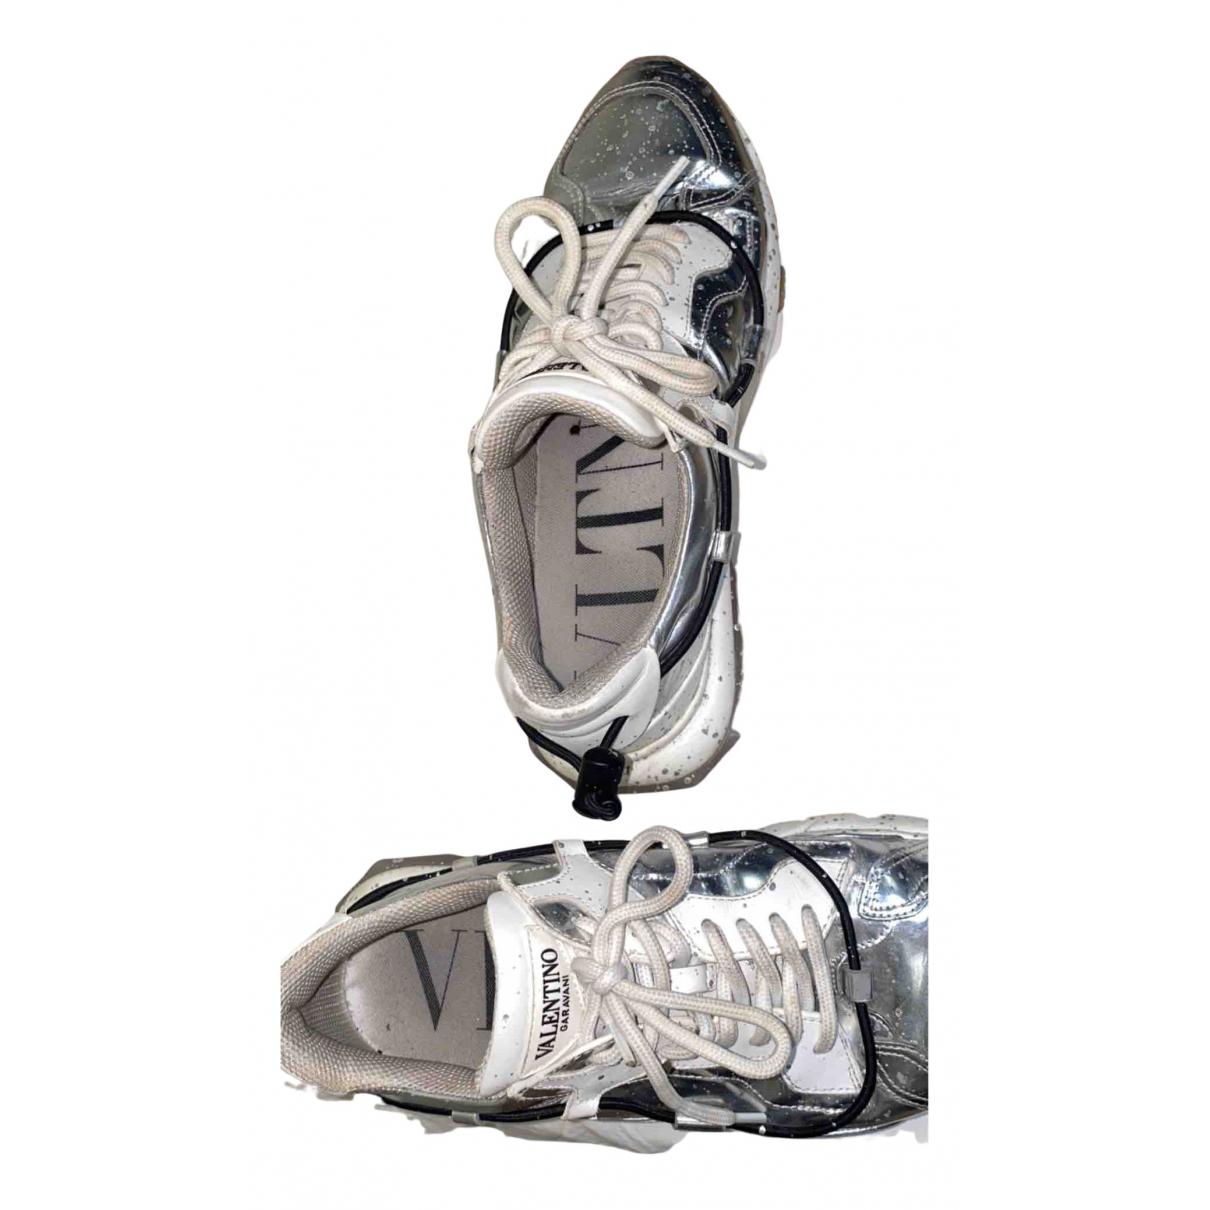 Valentino Garavani N Silver Leather Trainers for Men 42 EU